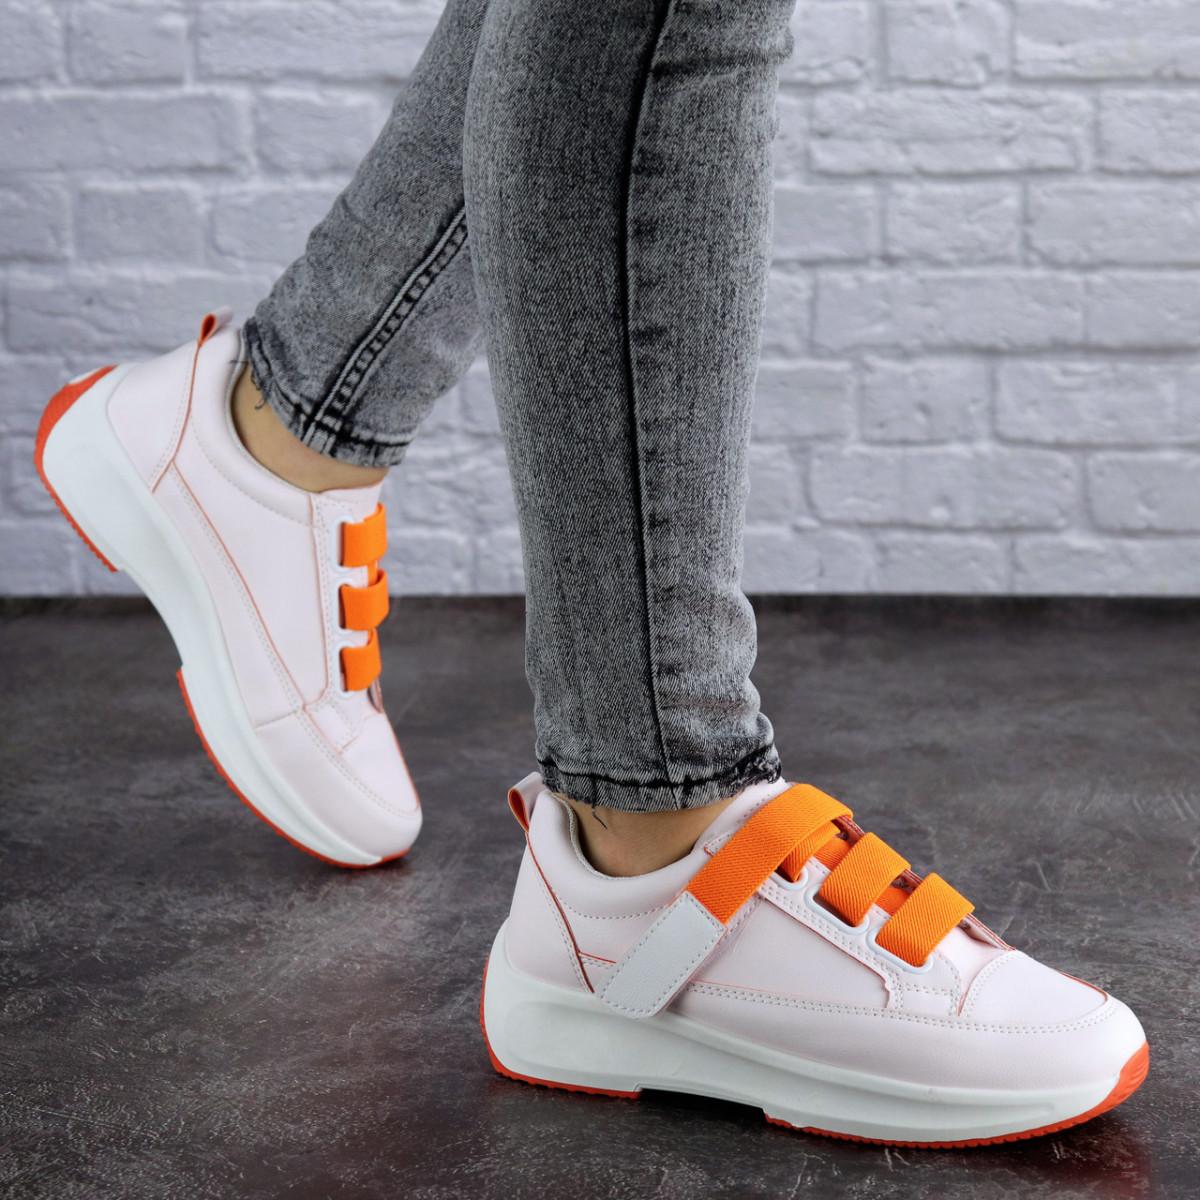 Женские кроссовки Fashion Boma 1974 39 размер 24 см Белый